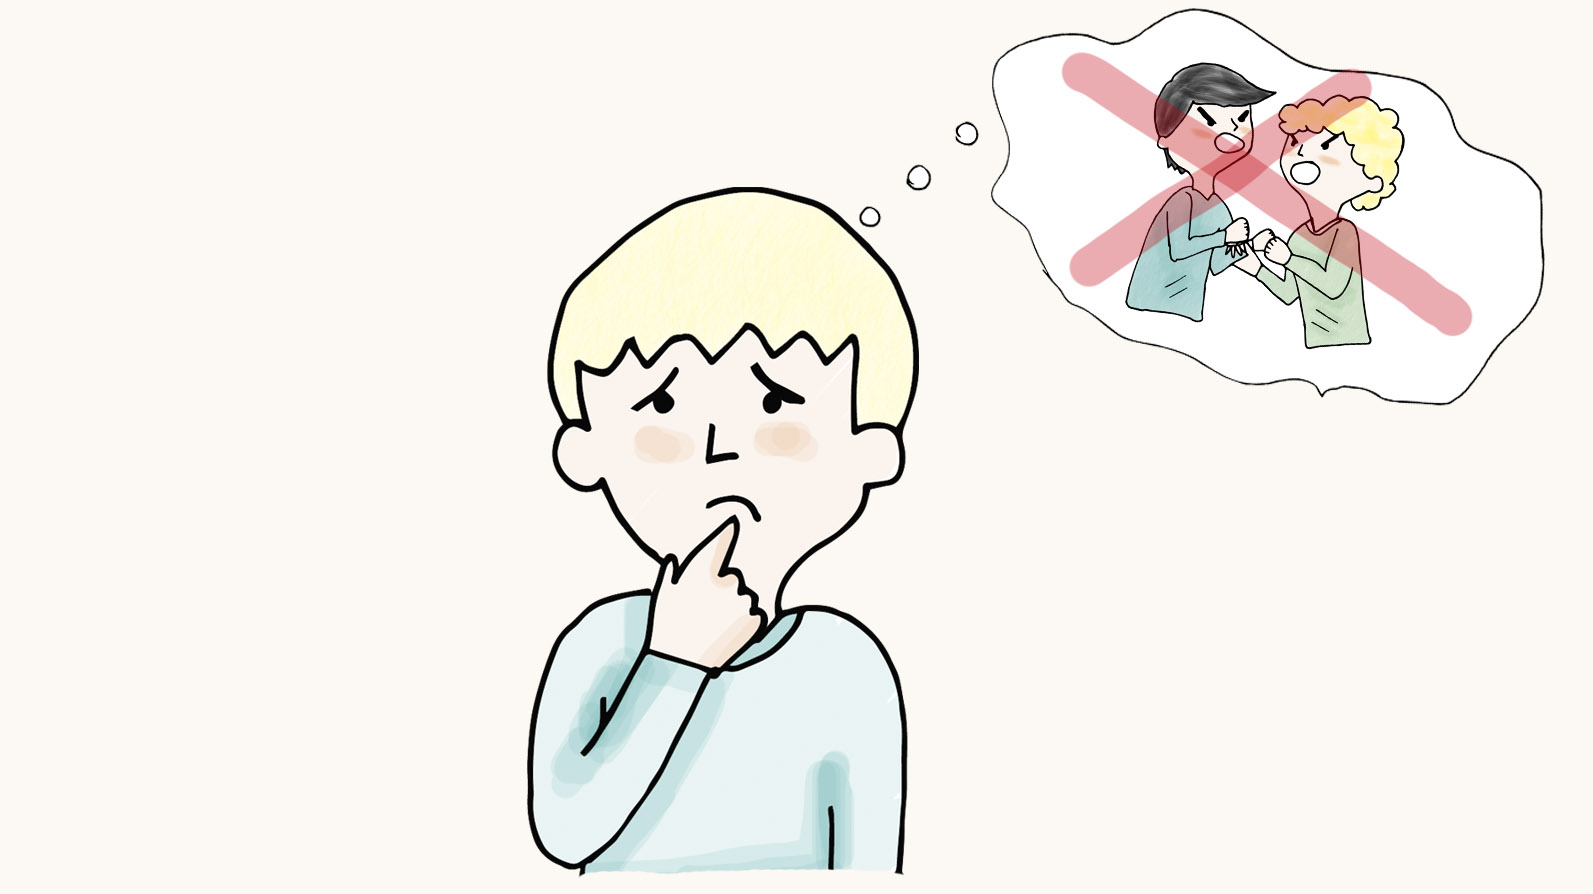 Cuento Para Enseñar Alternativas A La Violencia Y Al Bullying